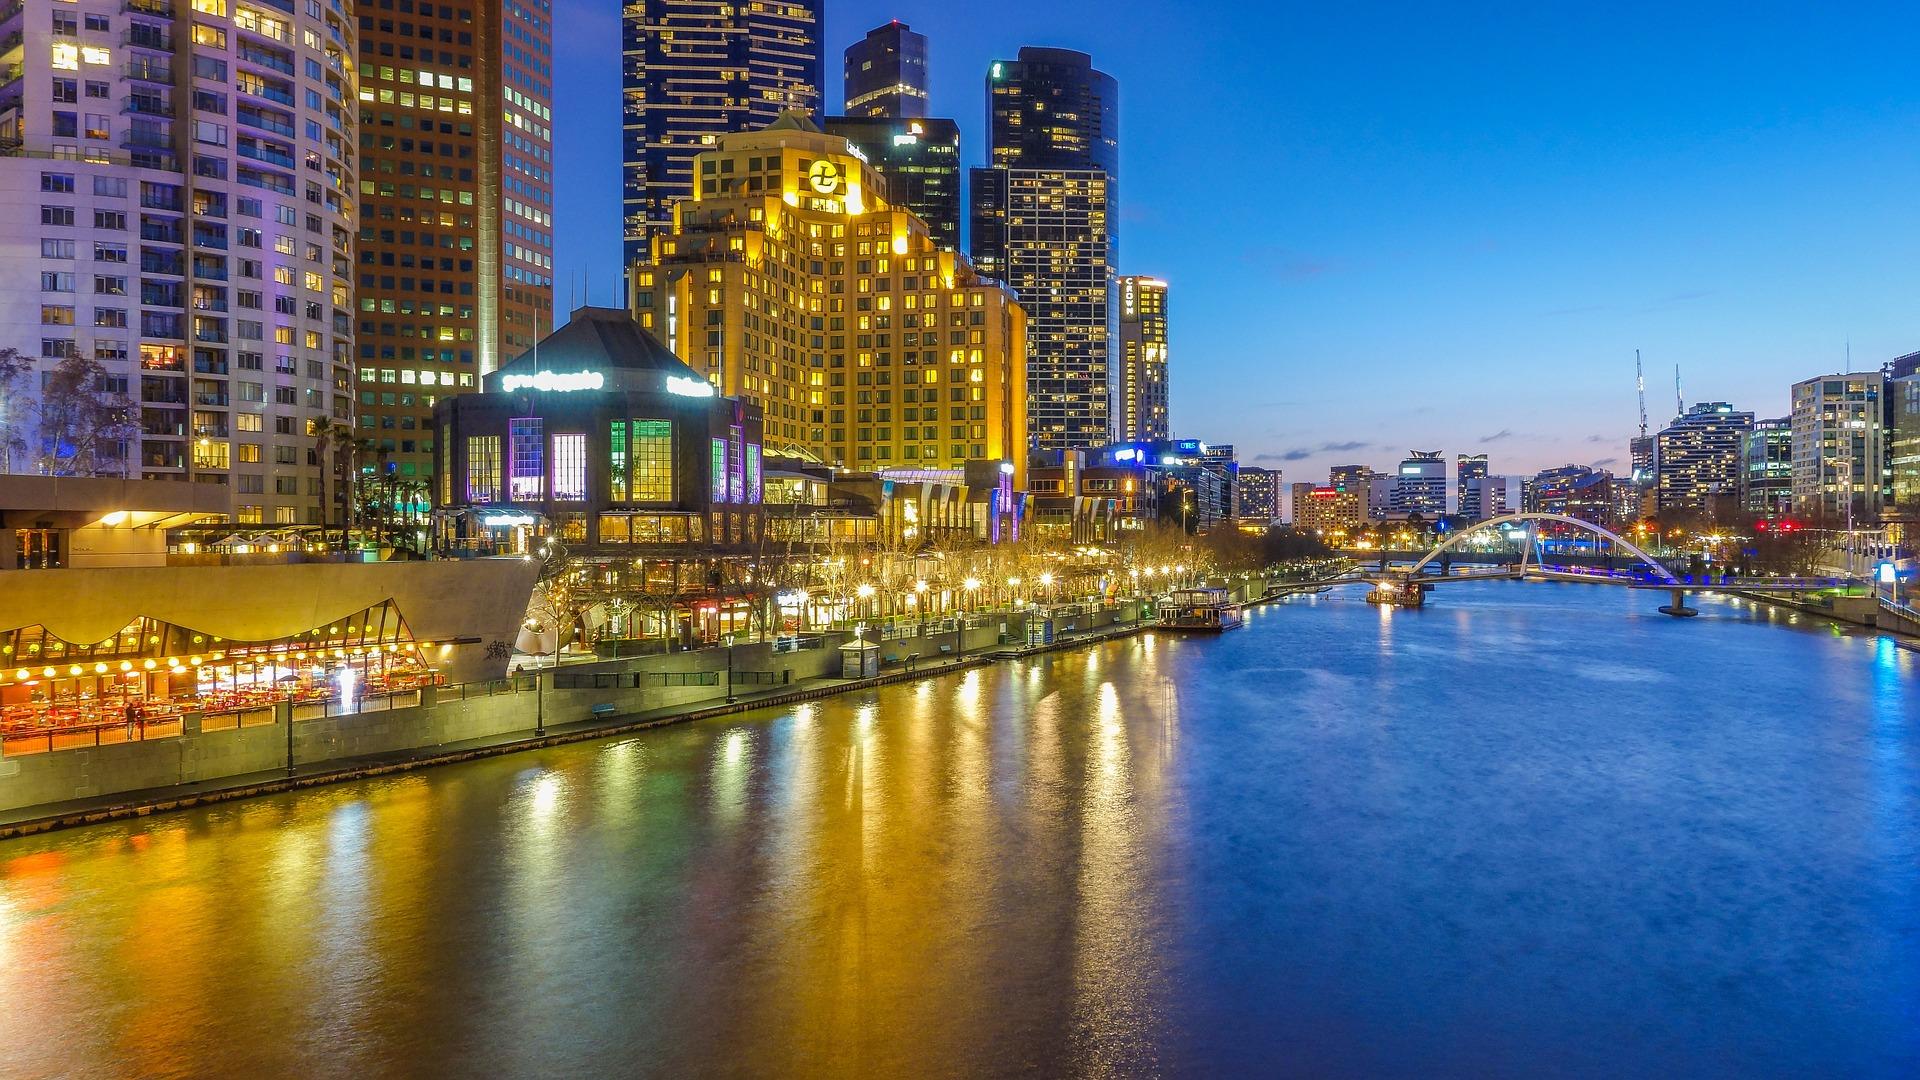 Night cityscape of Melbourne, Australia